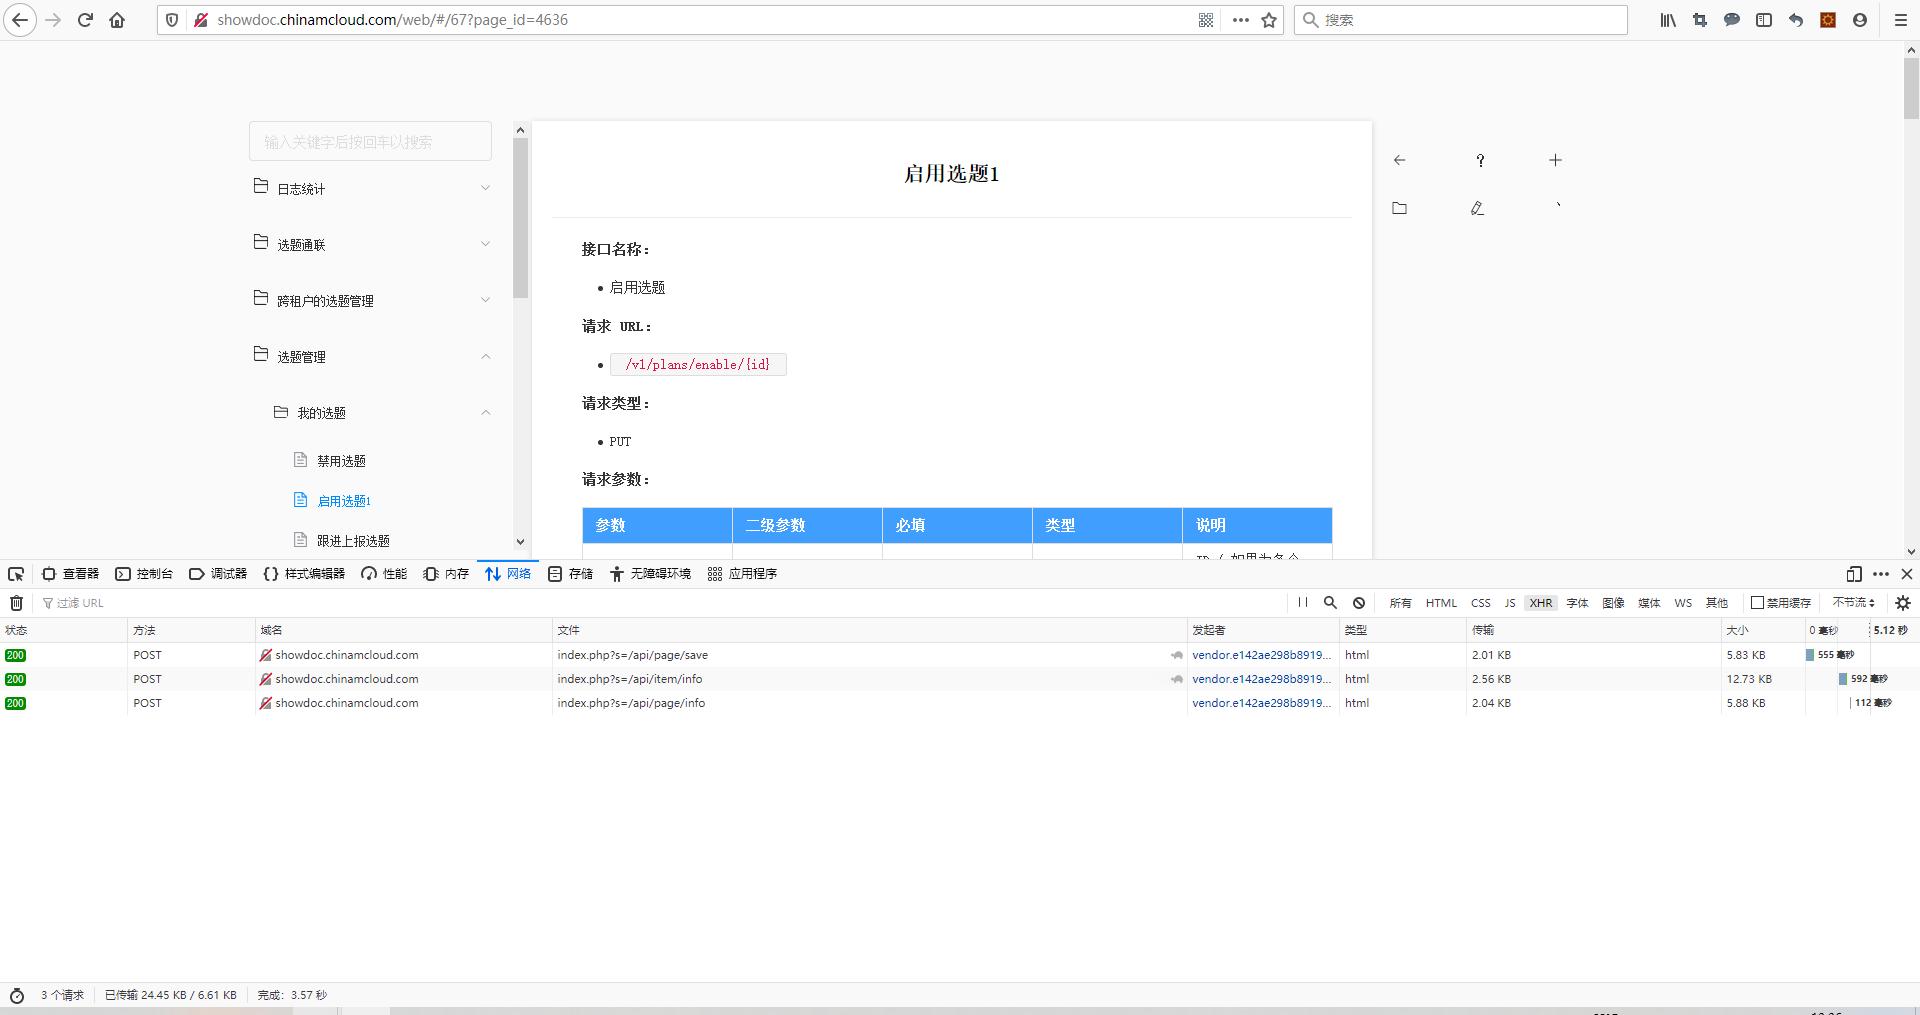 编辑接口文档,保存成功,而且返回文档页面,文档有变化。